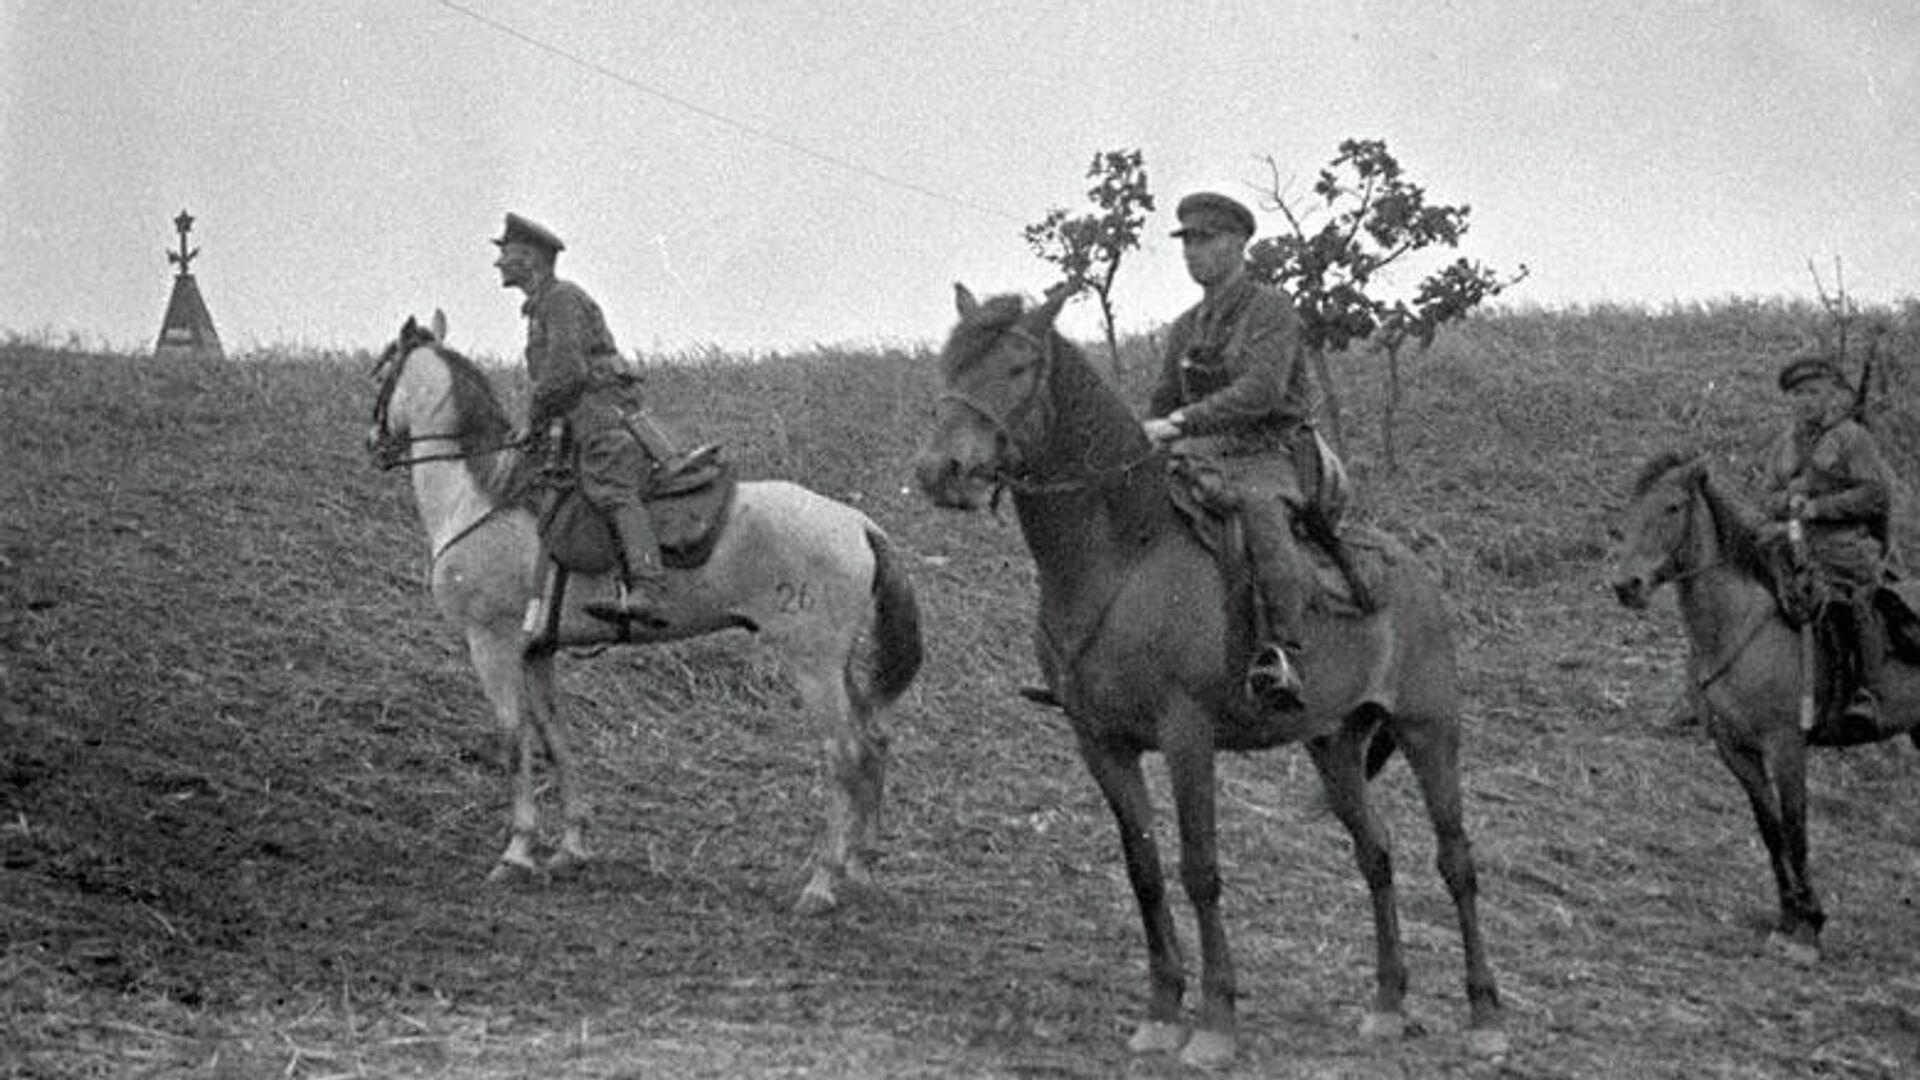 Наряд советских пограничников в районе озера Хасан. 1938 год - РИА Новости, 1920, 08.08.2021